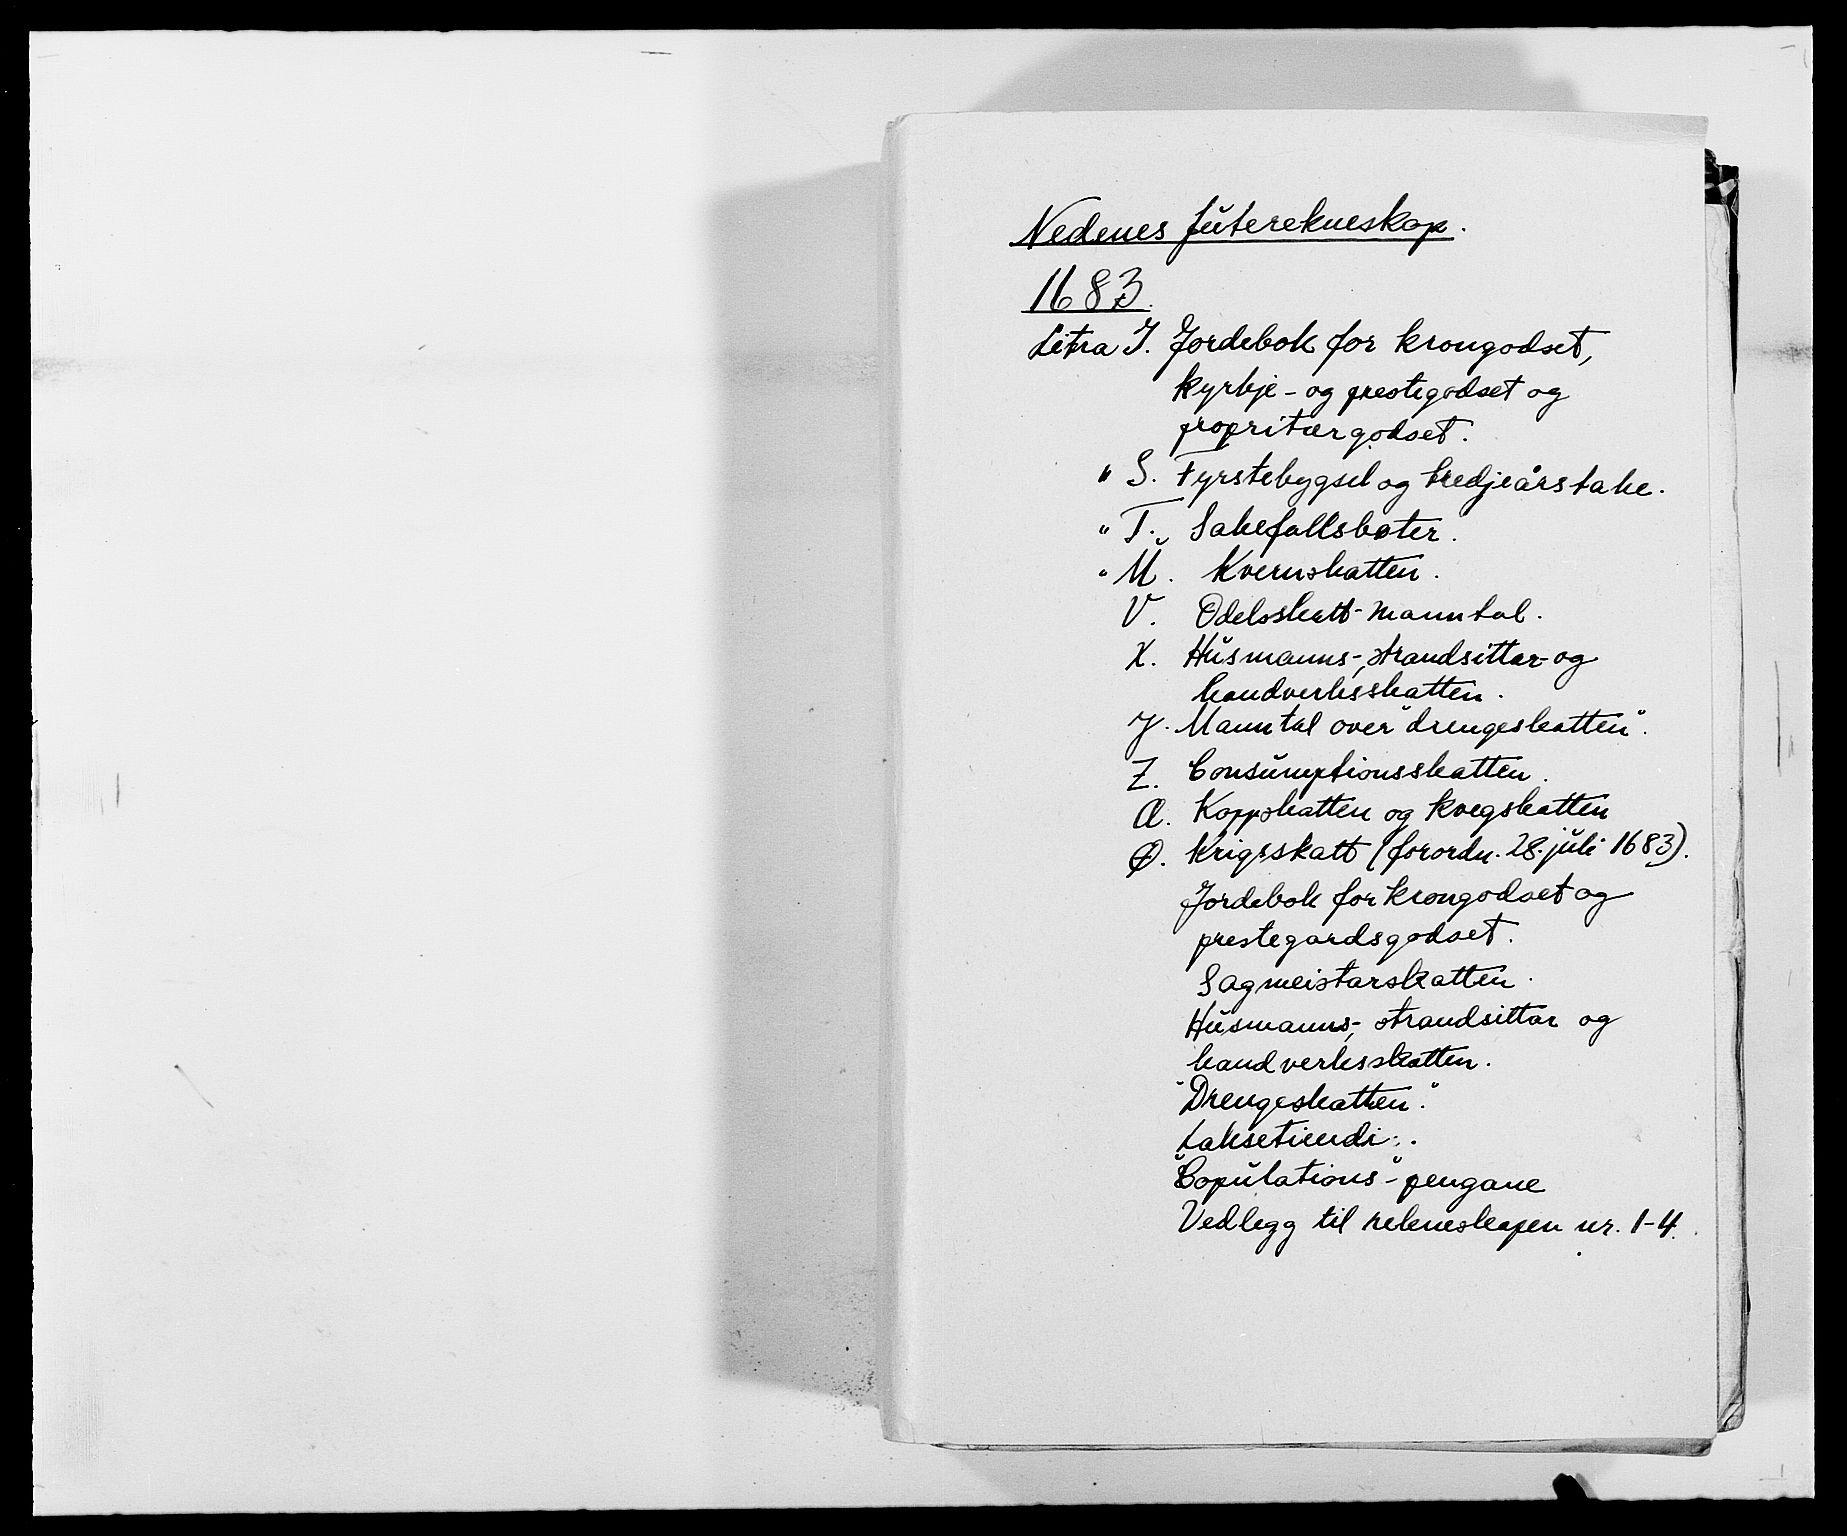 RA, Rentekammeret inntil 1814, Reviderte regnskaper, Fogderegnskap, R39/L2305: Fogderegnskap Nedenes, 1683, s. 1